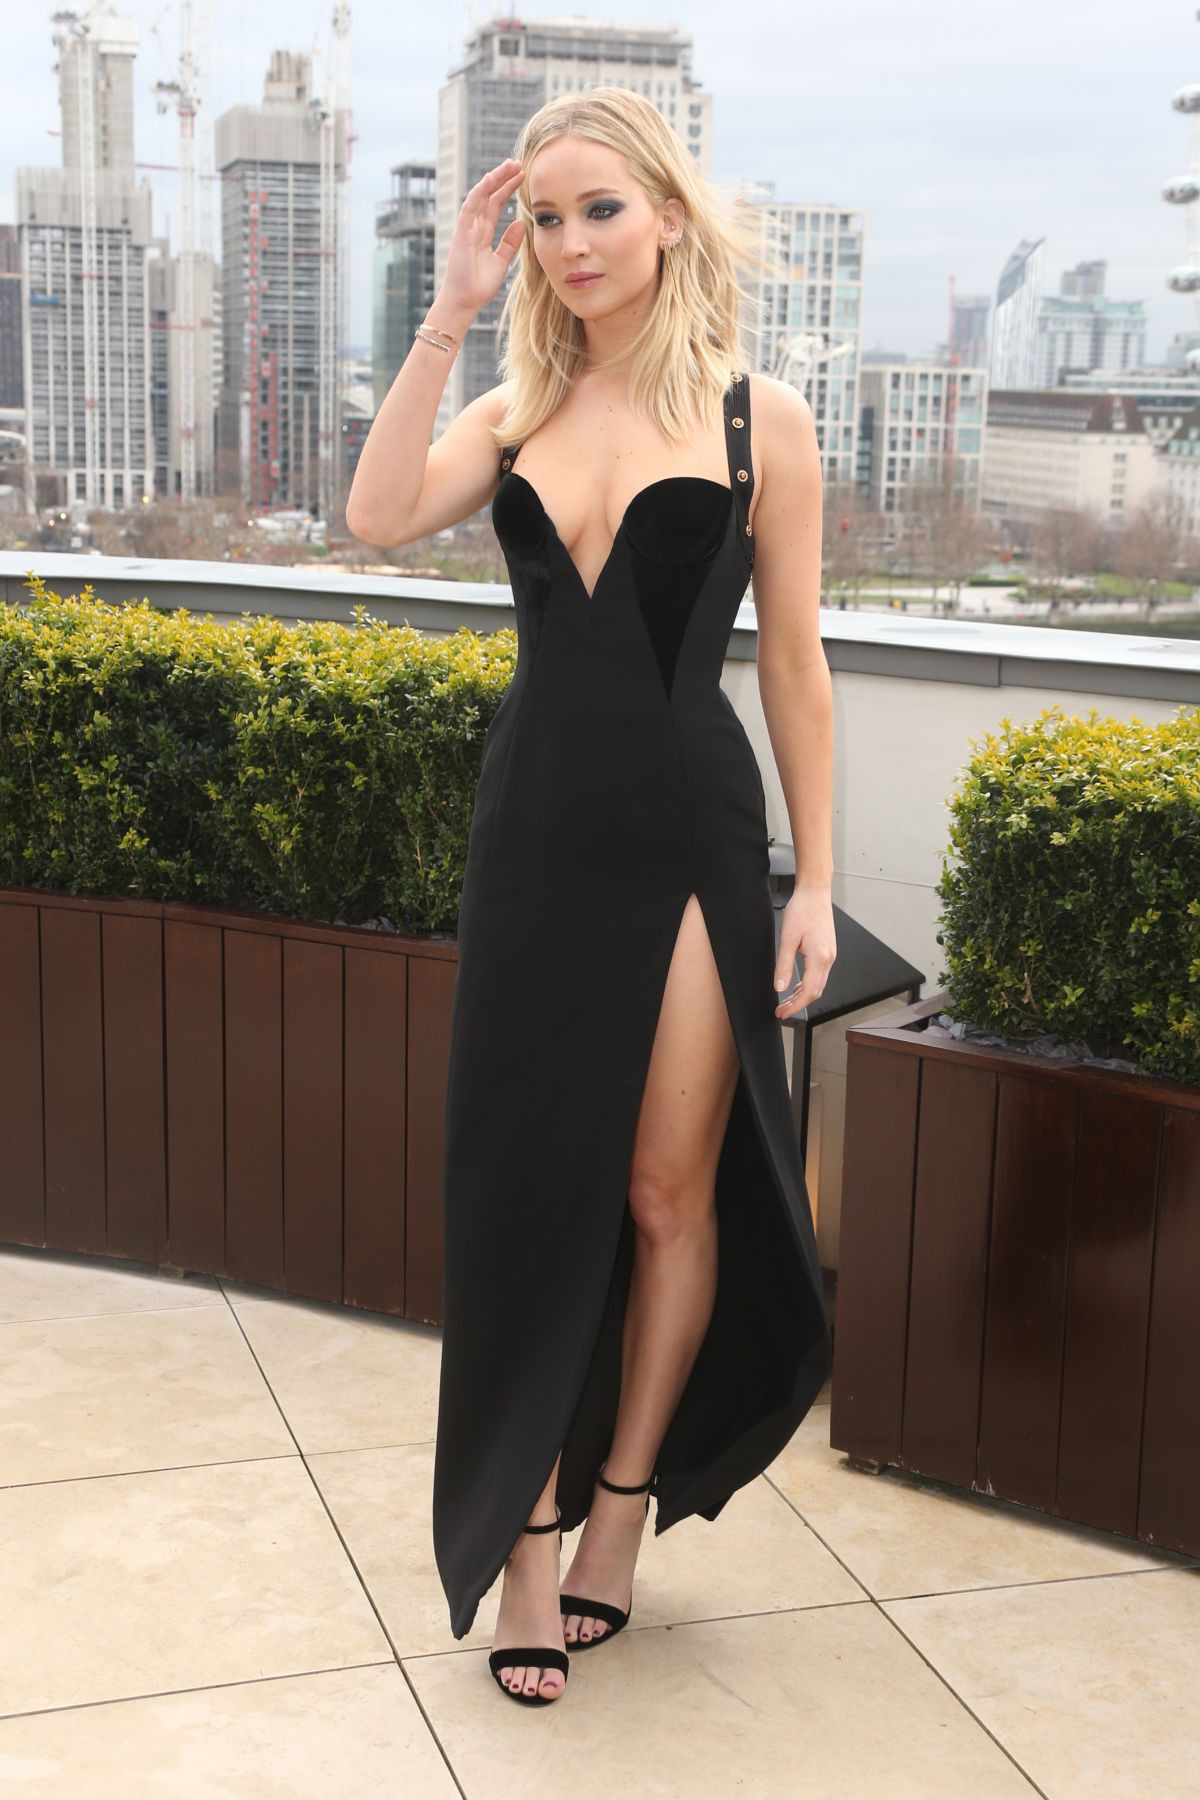 Bị chỉ trích vì mặc váy hở giữa trời 5 độ C, Jennifer Lawrence đáp trả: Phân biệt giới tính ngớ ngẩn! - Ảnh 3.